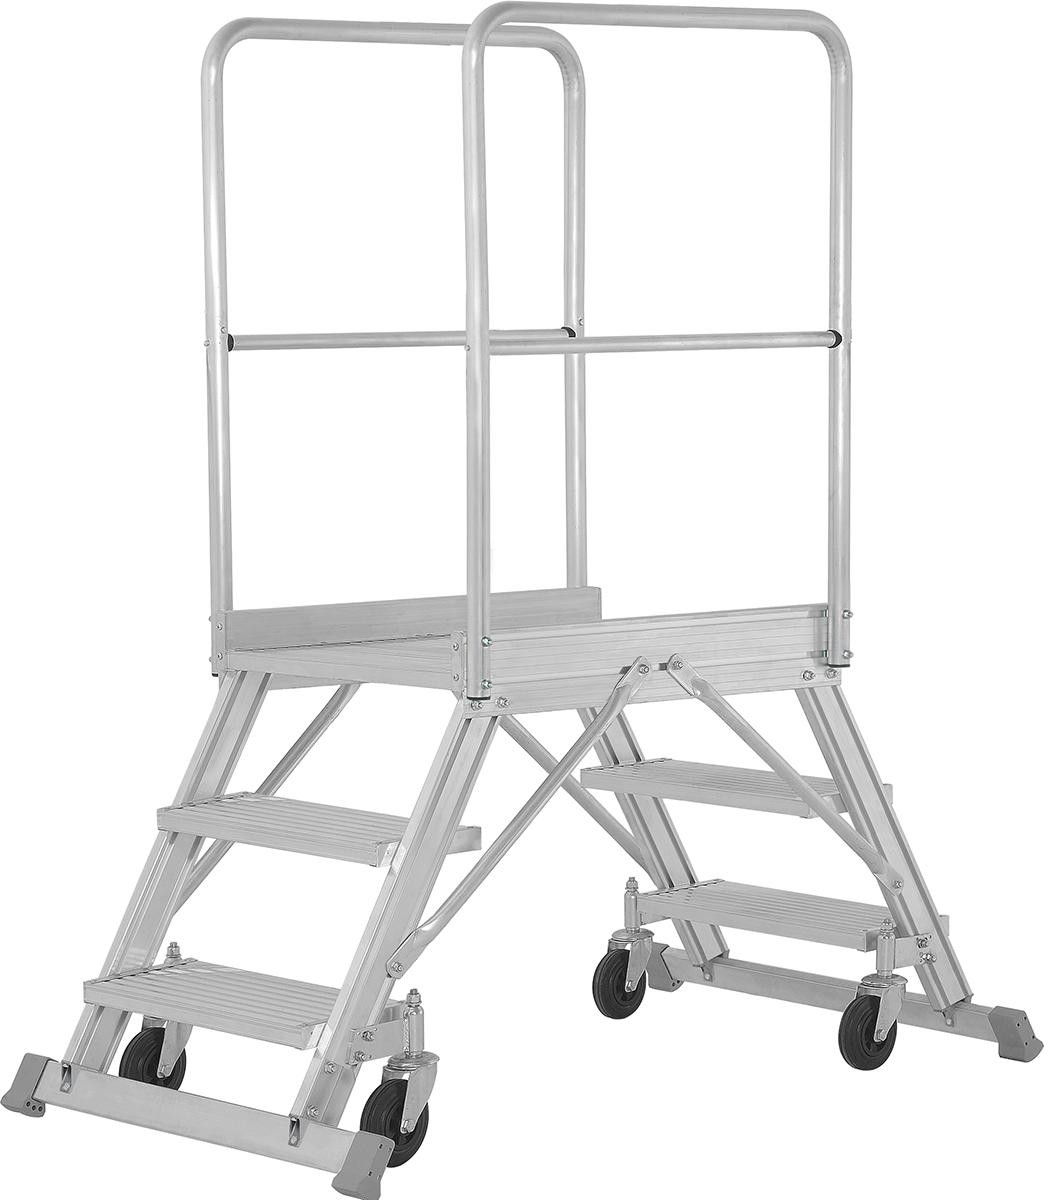 Hymer Podesttreppe fahrbar 2x3 Stufen